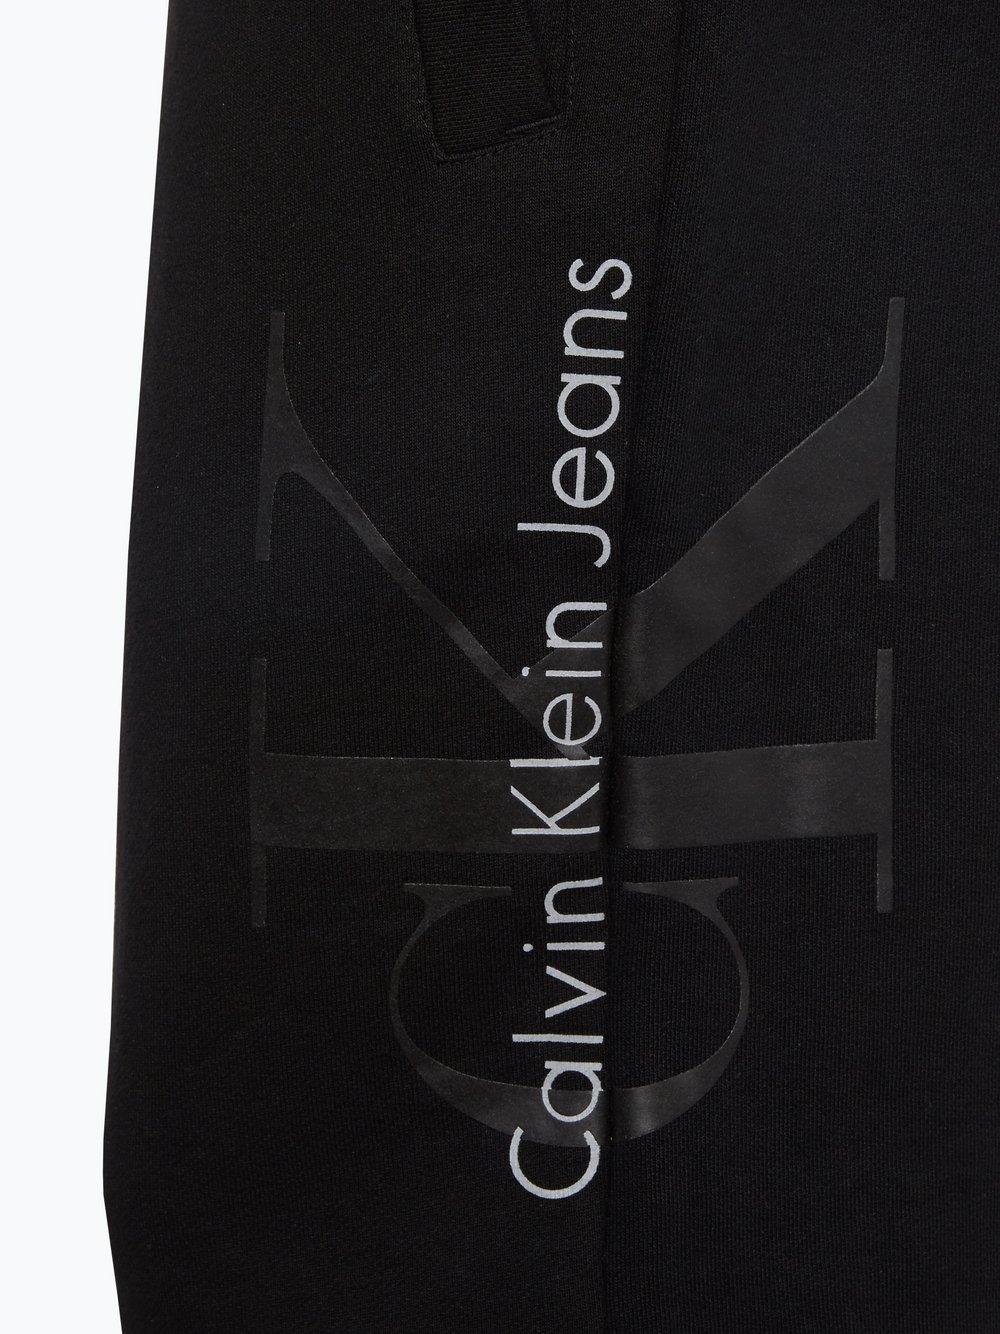 Calvin Klein Jeans Spodnie dresowe męskie kup online